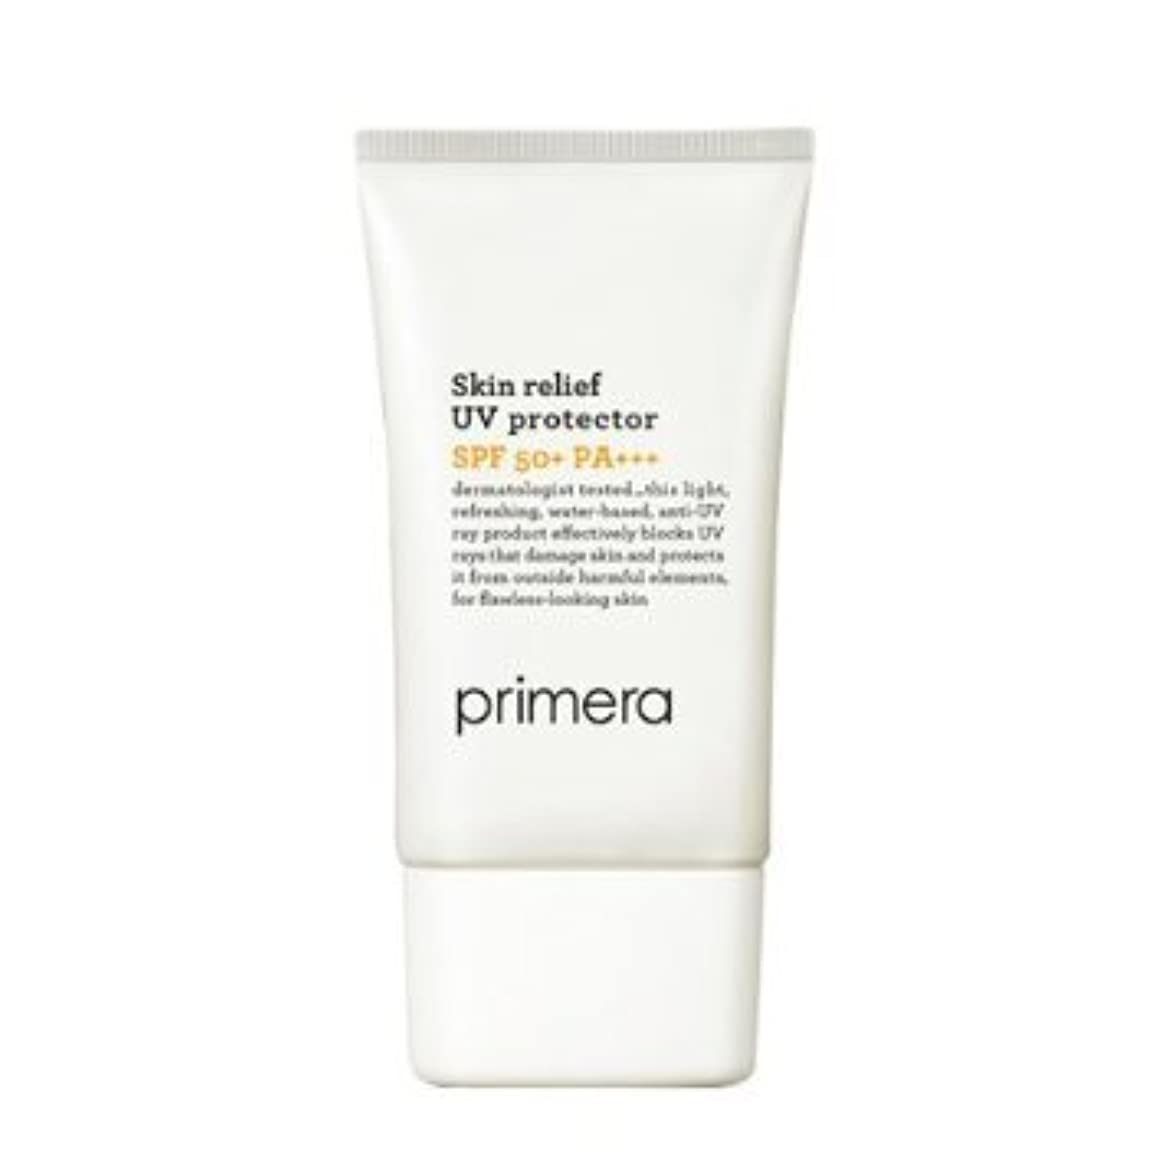 熱八百屋愚かKorean Cosmetics, Amorepacific Primera Skin Relief UV Protector SPF50+ PA+++ 50ml[行輸入品]